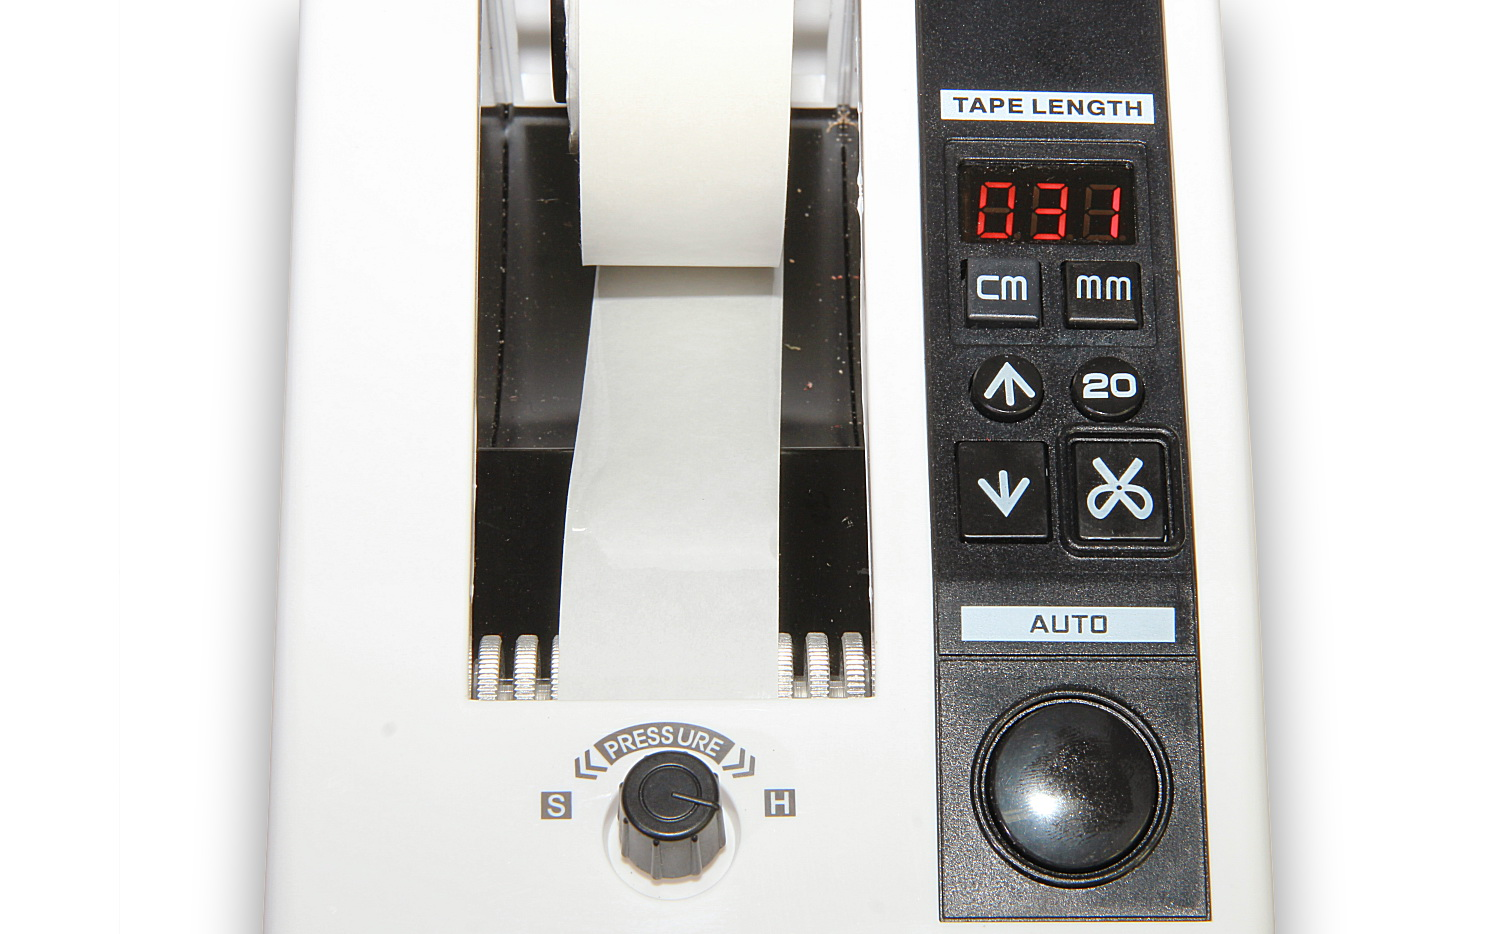 Automatický dávkovač lepiacej pásky - odvíjač a podávač lepiacej pásky typ M-1000